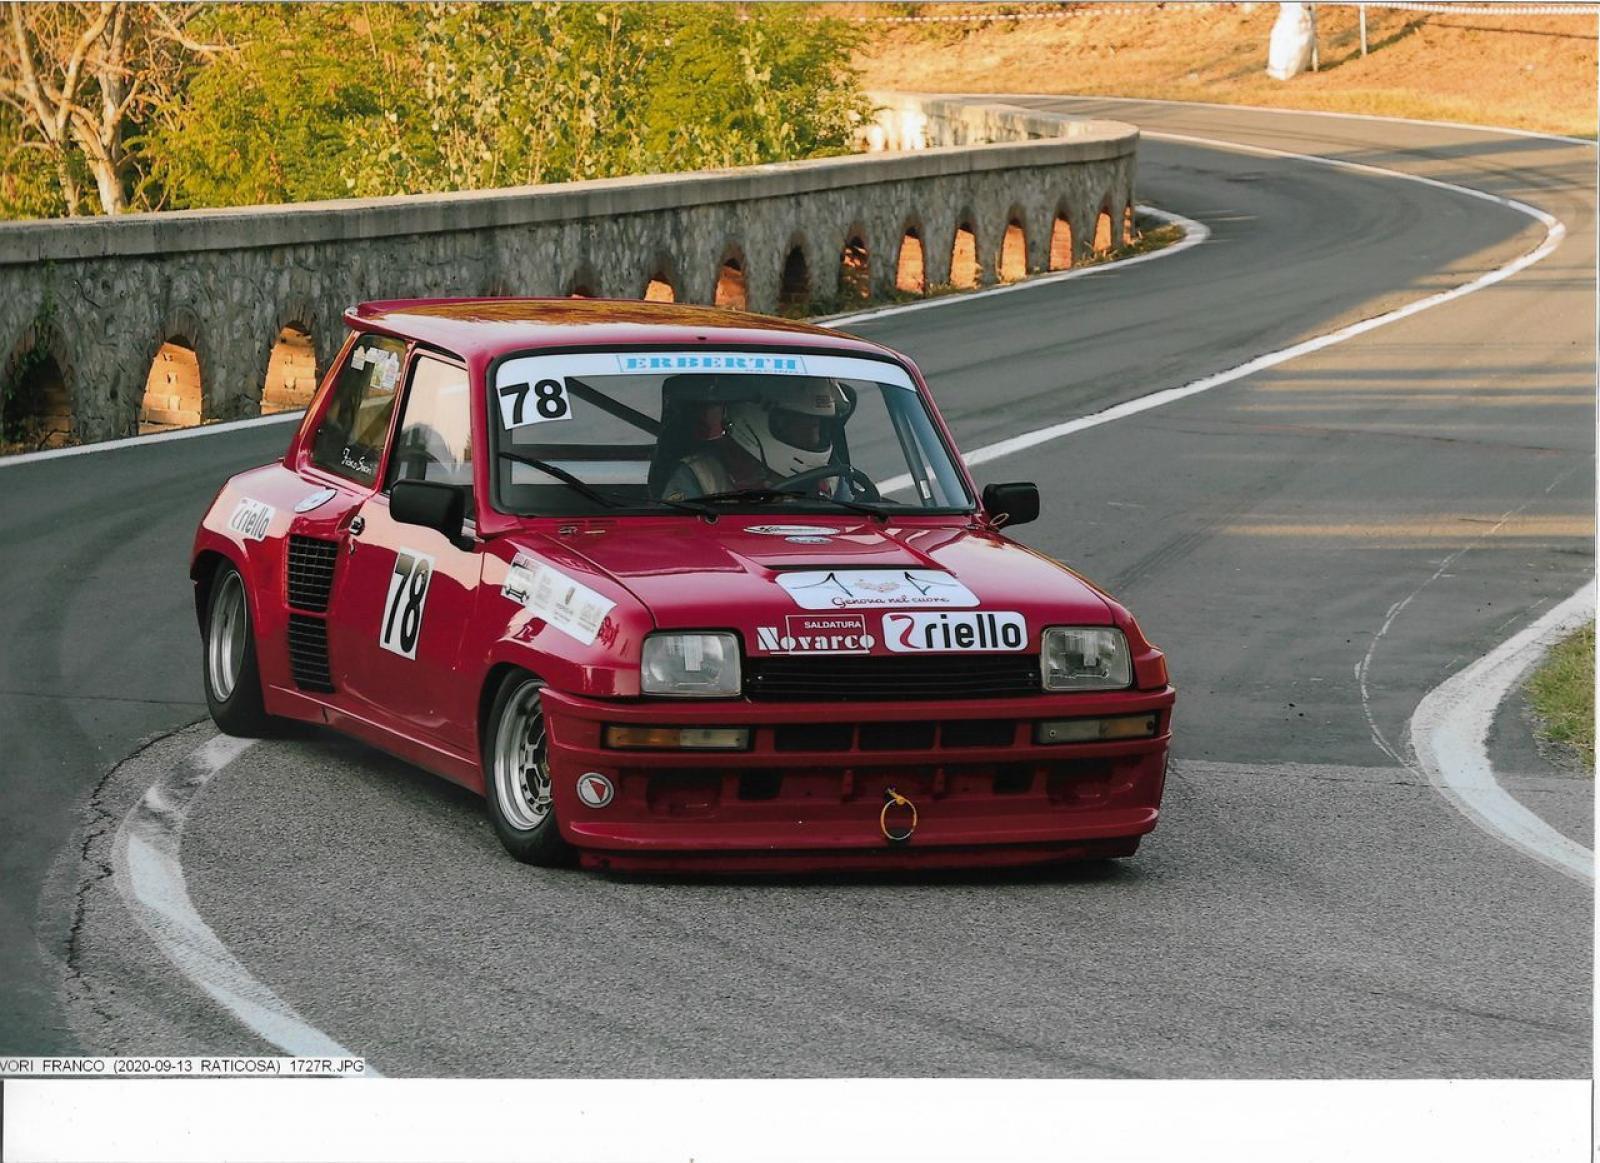 Renault 5 Turbo Group 4 RWD - 1